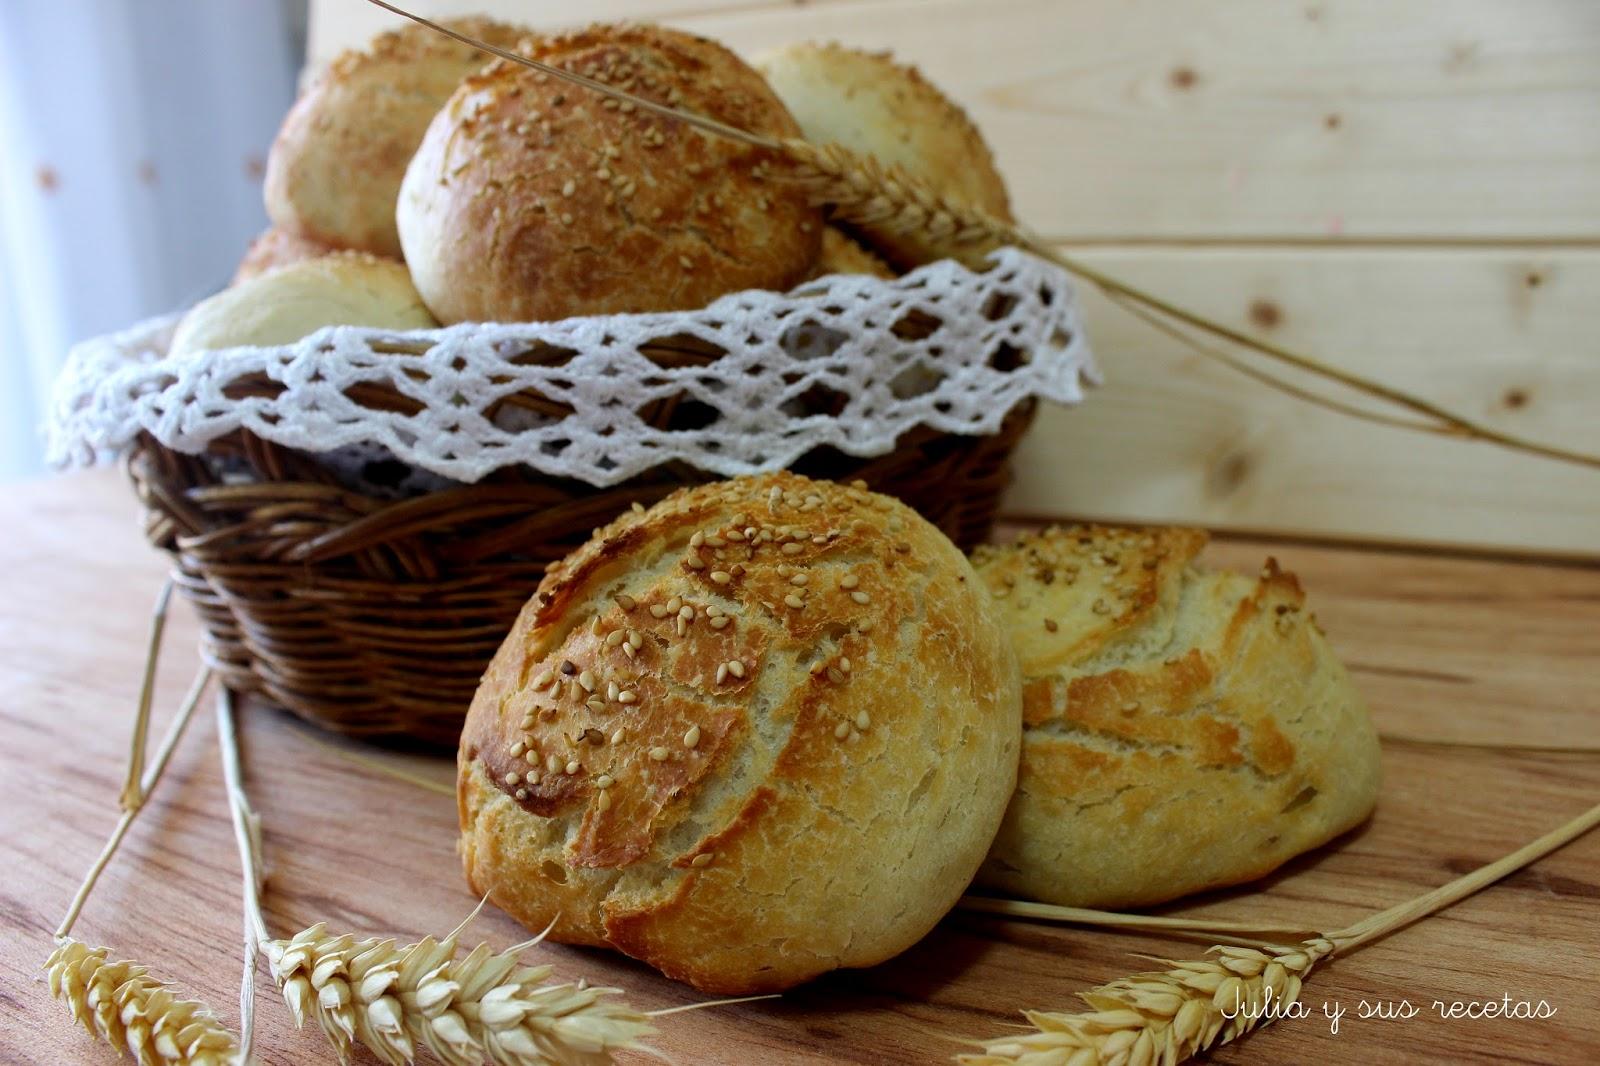 Bollitos de pan sin amasado con sésamo. Julia y sus recetas